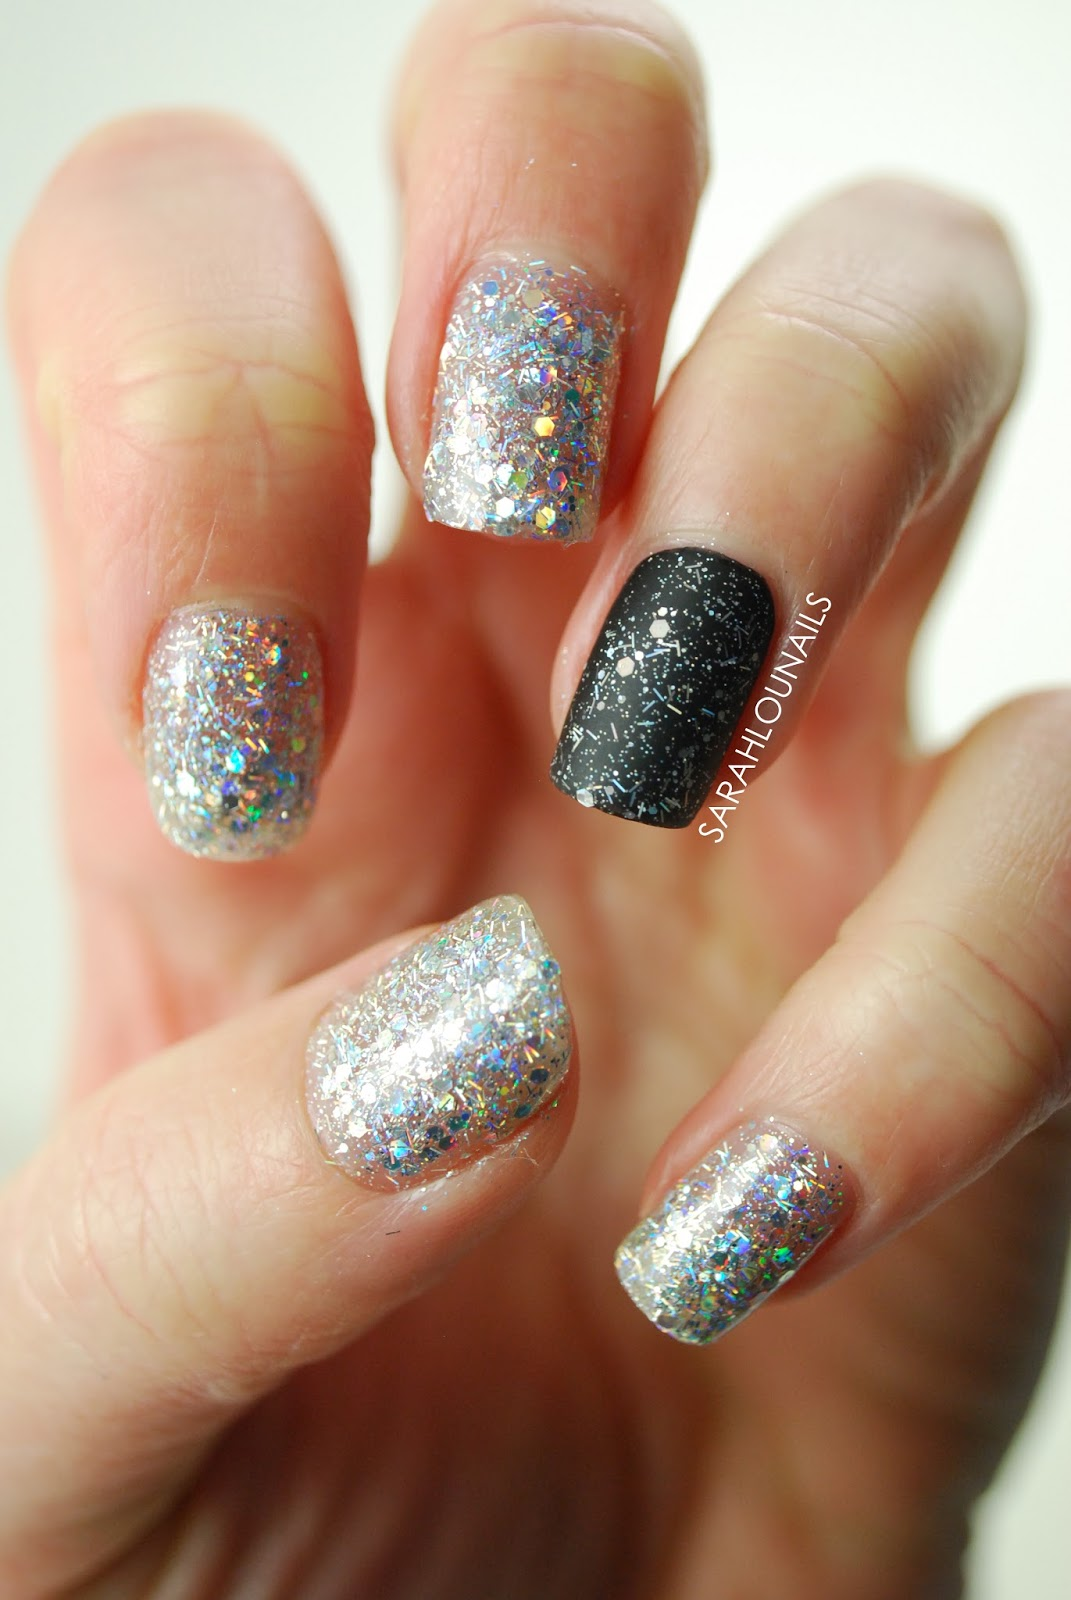 Sarah Lou Nails: New Years Eve Nails!